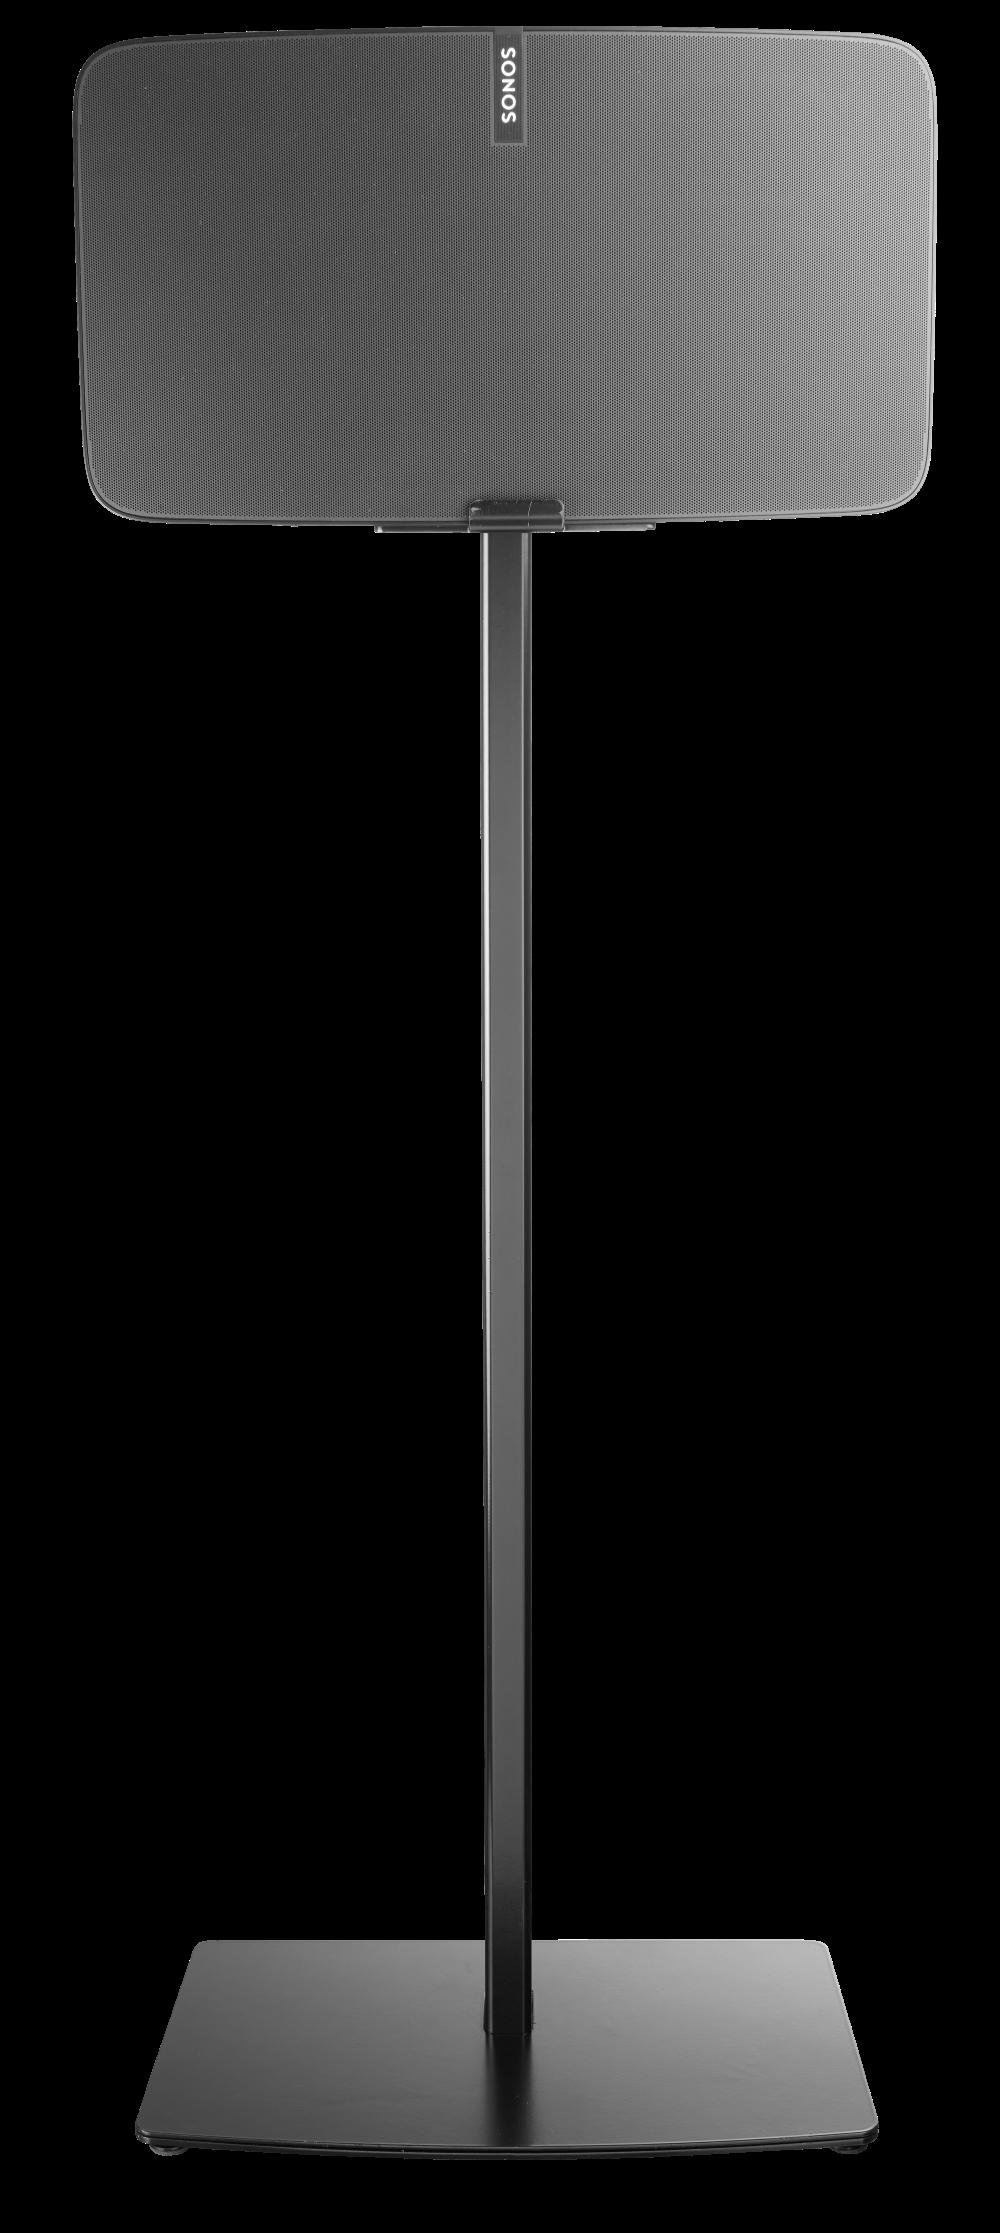 Cavus Vloerstandaard voor Sonos Five / Play:5 zwart